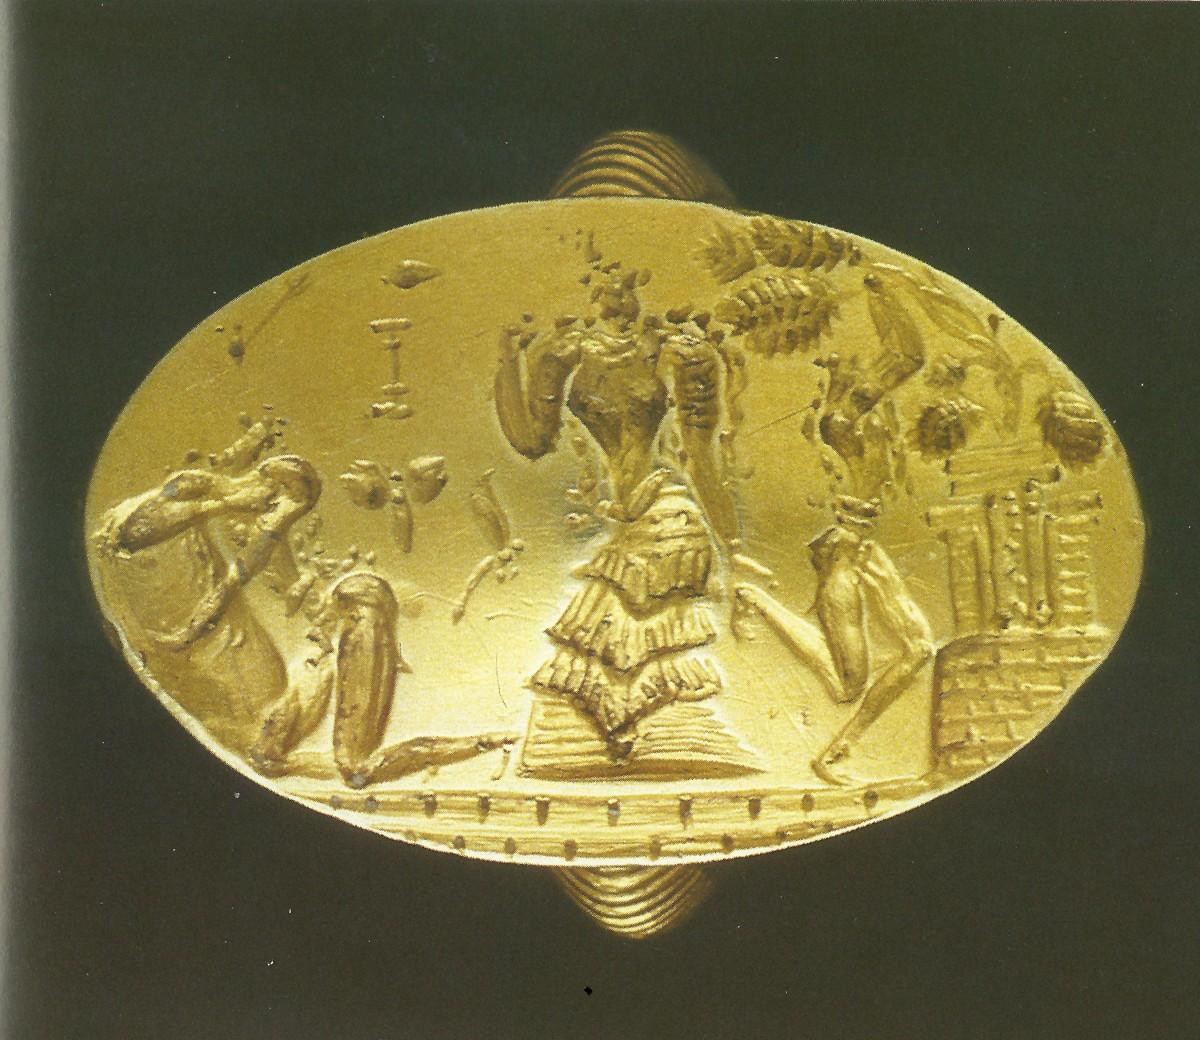 Εικ. 35. Το χρυσό δαχτυλίδι των Αρχανών. Βρέθηκε στο νεκροταφείο Φουρνί, ακουμπισμένο στο στήθος της νεκρής. Ύστερη Εποχή του Χαλκού (1600-1500 π.Χ.). Αρχαιολογικό Μουσείο Ηρακλείου, ΑΕ 989.